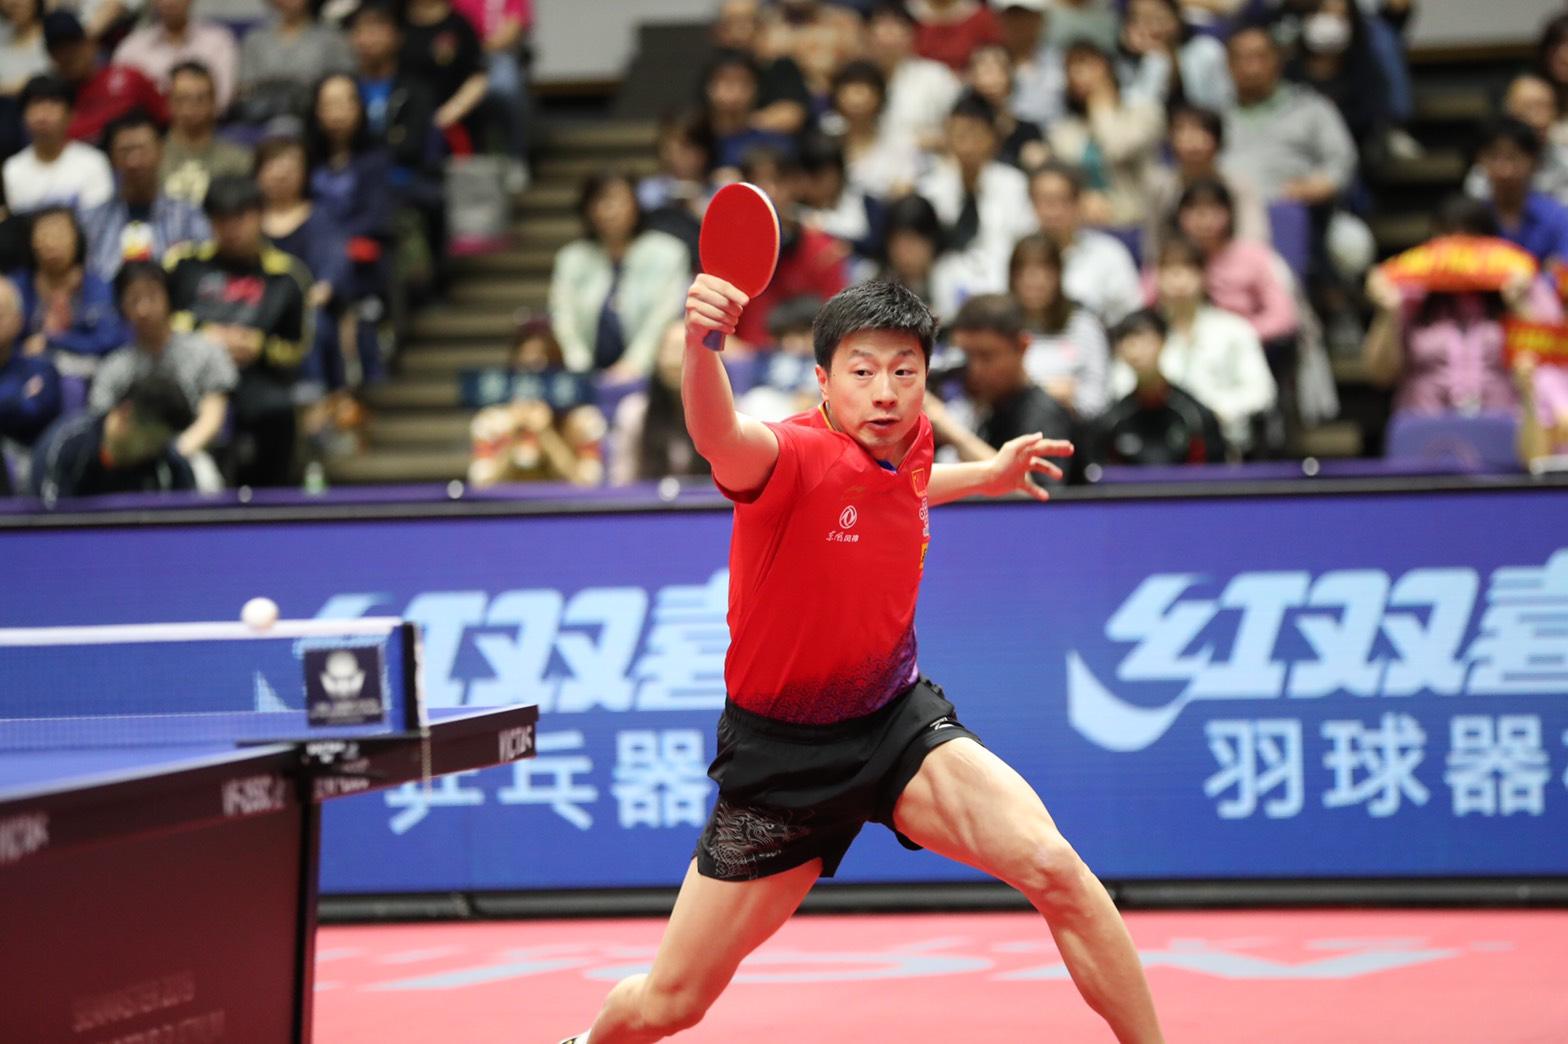 卓球 VICTAS ヴィクタス ビクタス ライオン卓球ジャパンオープン荻村杯 札幌大会 馬龍